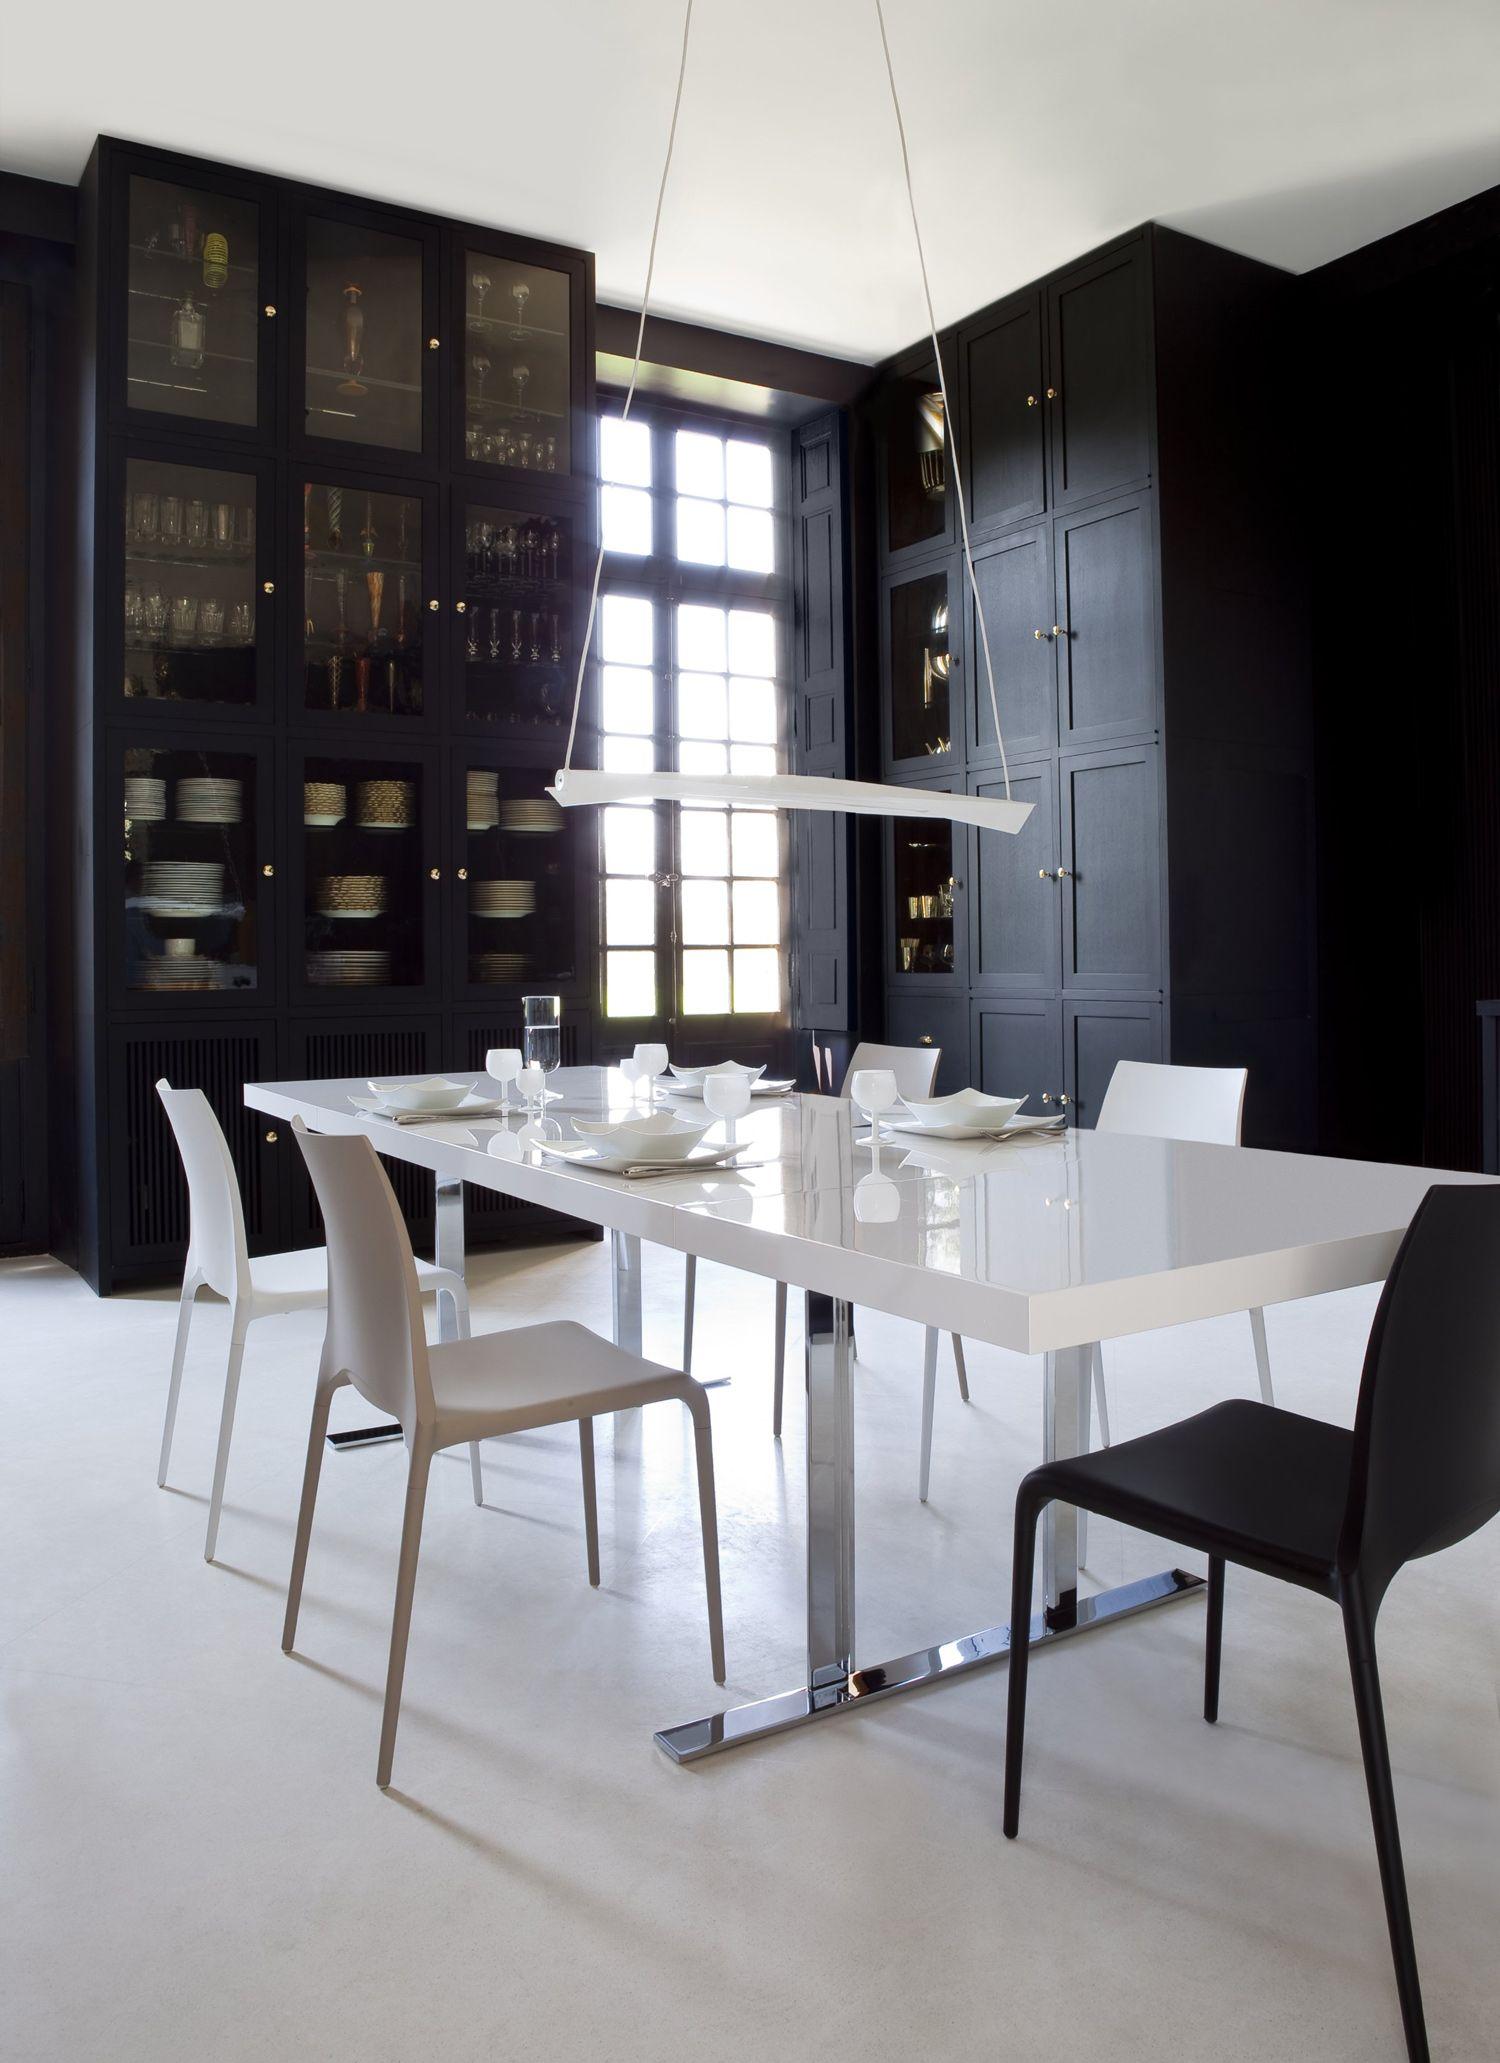 Cineline Extensible Dining Table Designed By Pagnon Pelhaitre